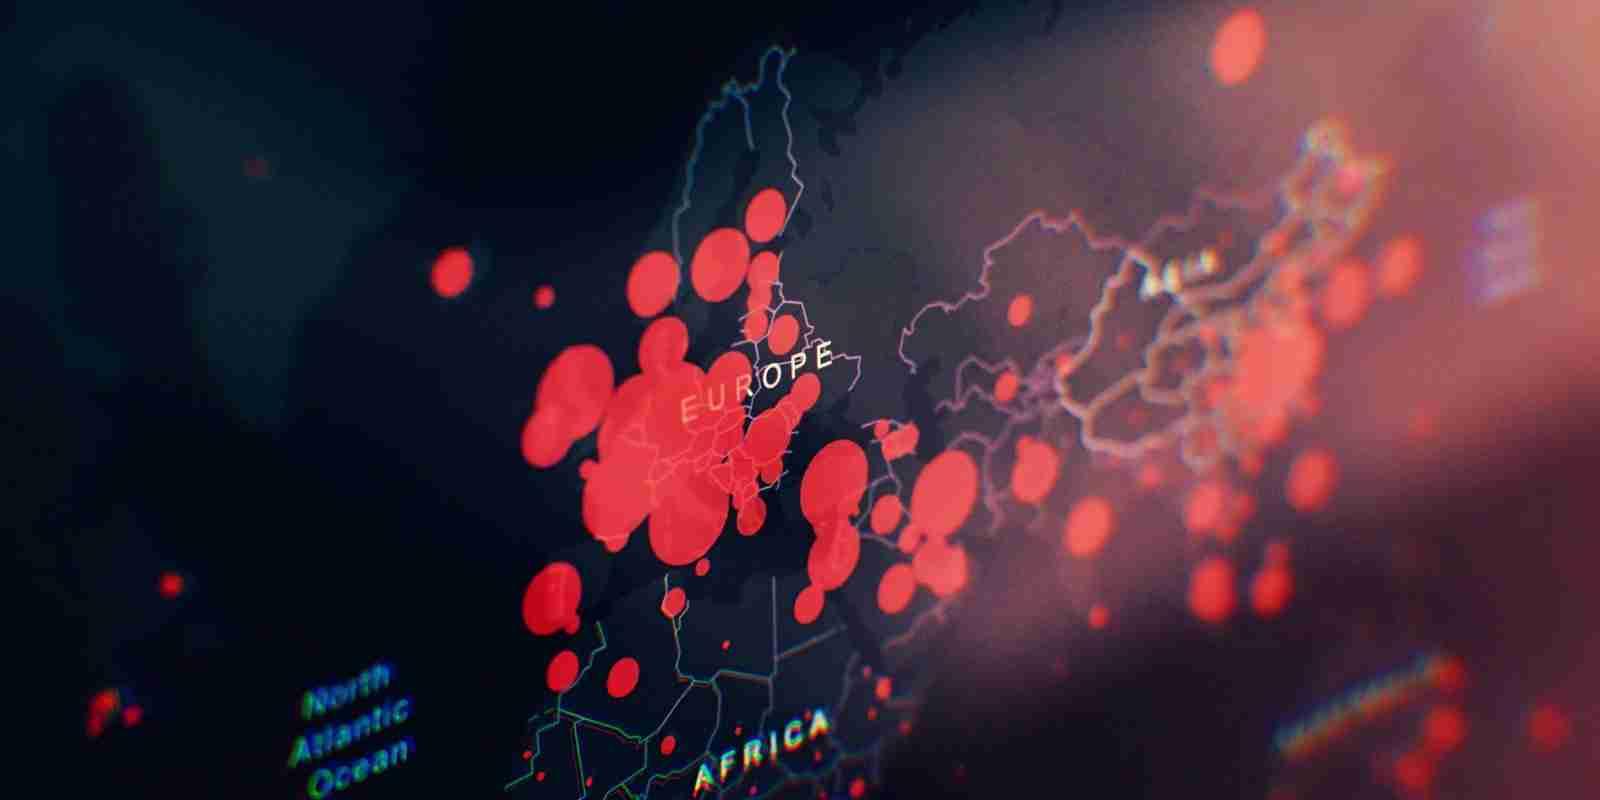 Russian Turla Hackers Breach European Government Organization